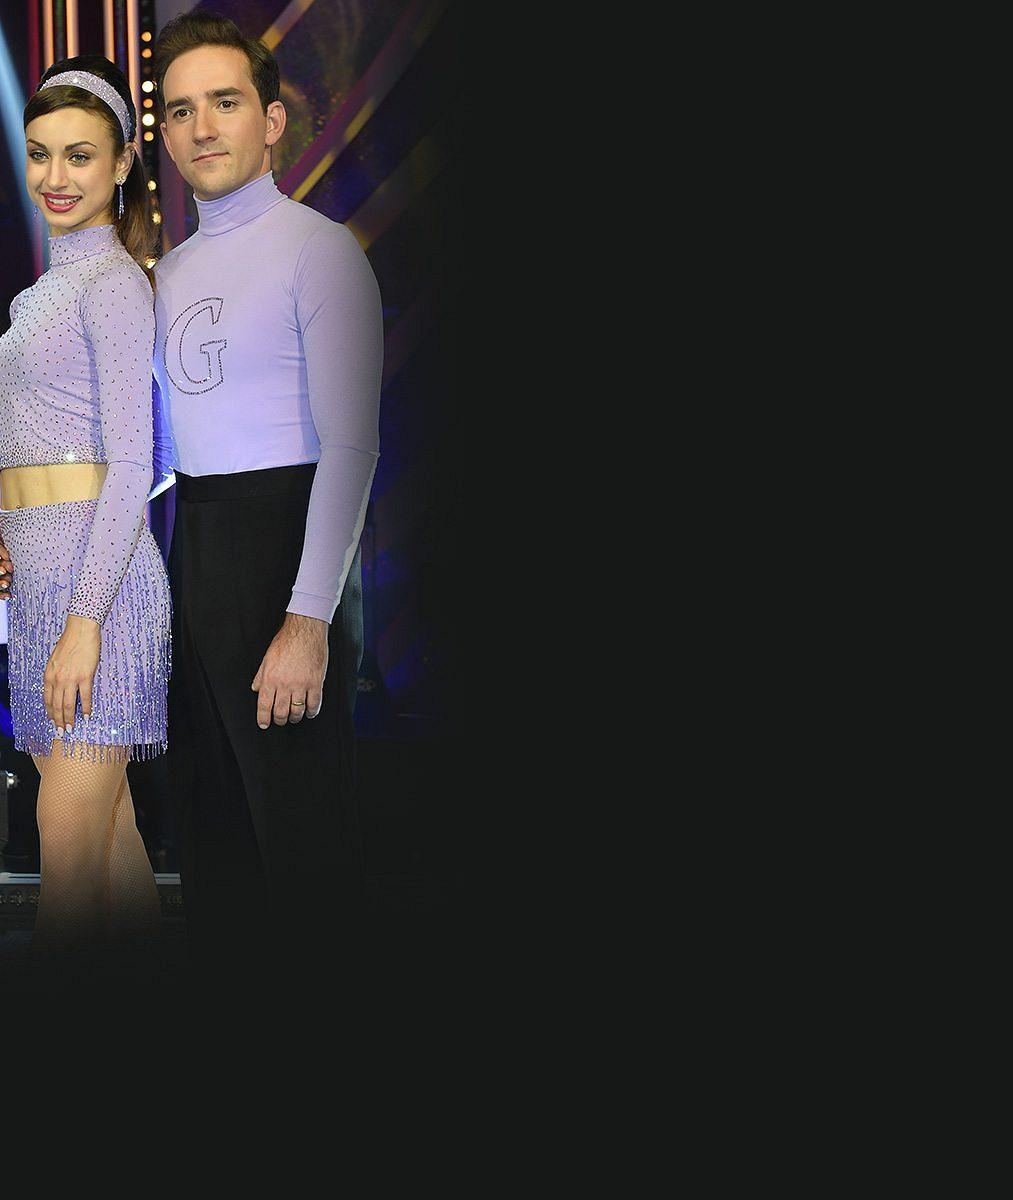 Zapomeňte na jeho nejslavnější seriálovou roli: Matouš Ruml se ve StarDance ukazuje jako nejtalentovanější tanečník